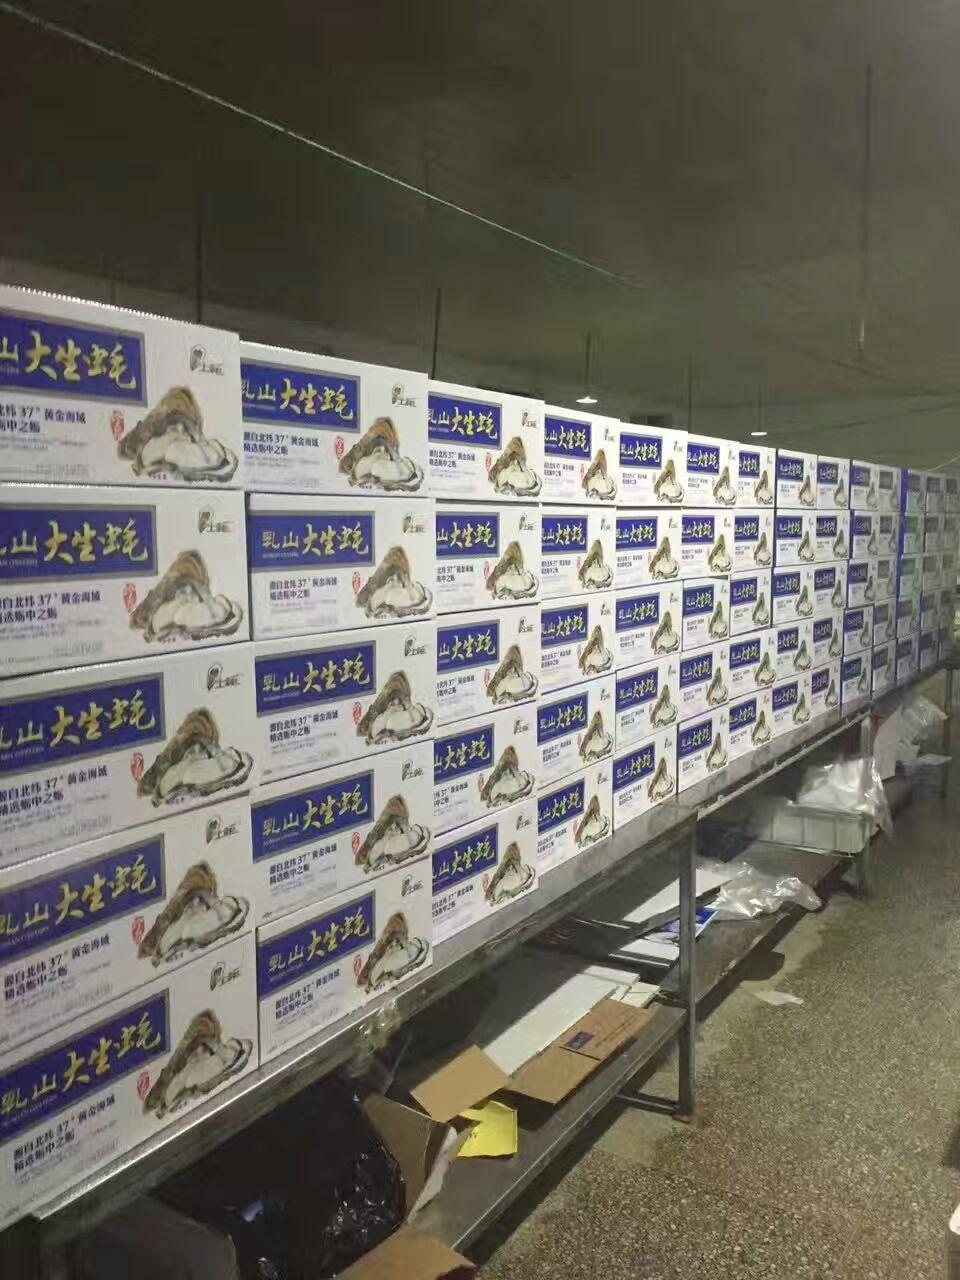 这是第3张海鲜礼盒 年前热卖的货源图片